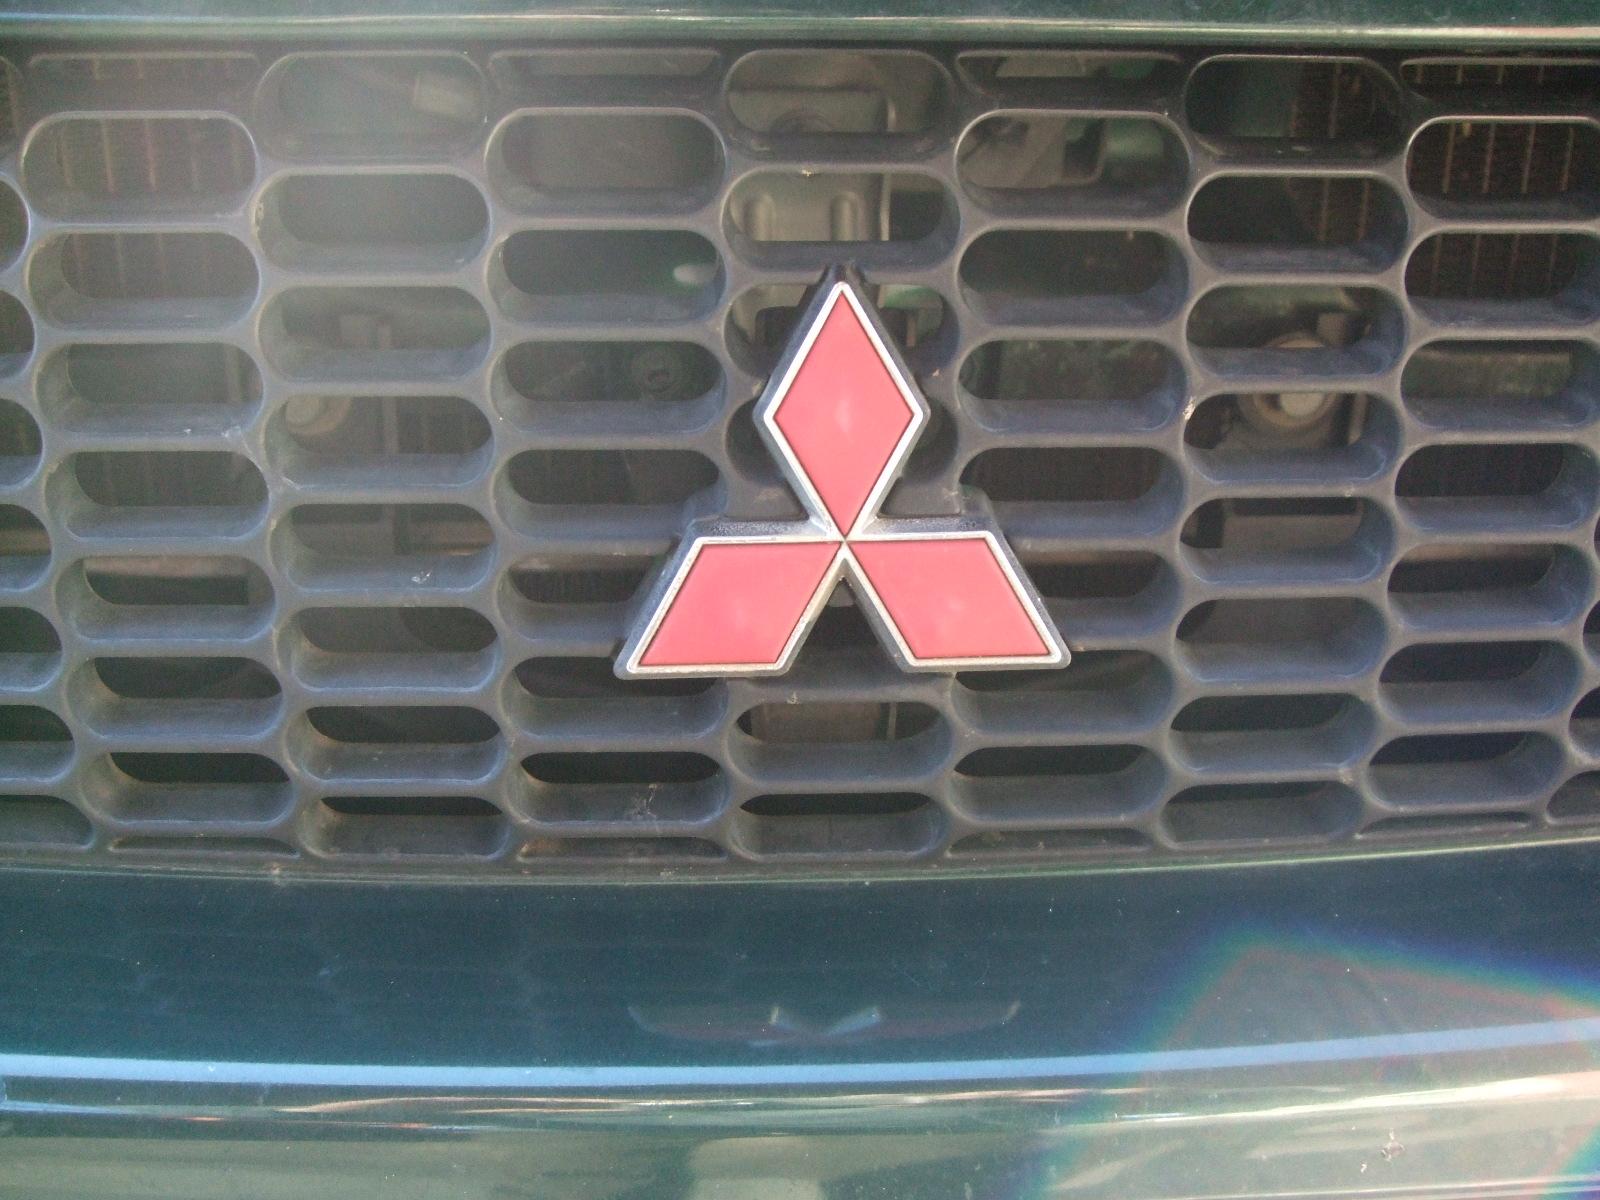 なぜ三菱の車は・・・スペースギアは嫌われる?三菱乗りだけが知るその残念な理由とは